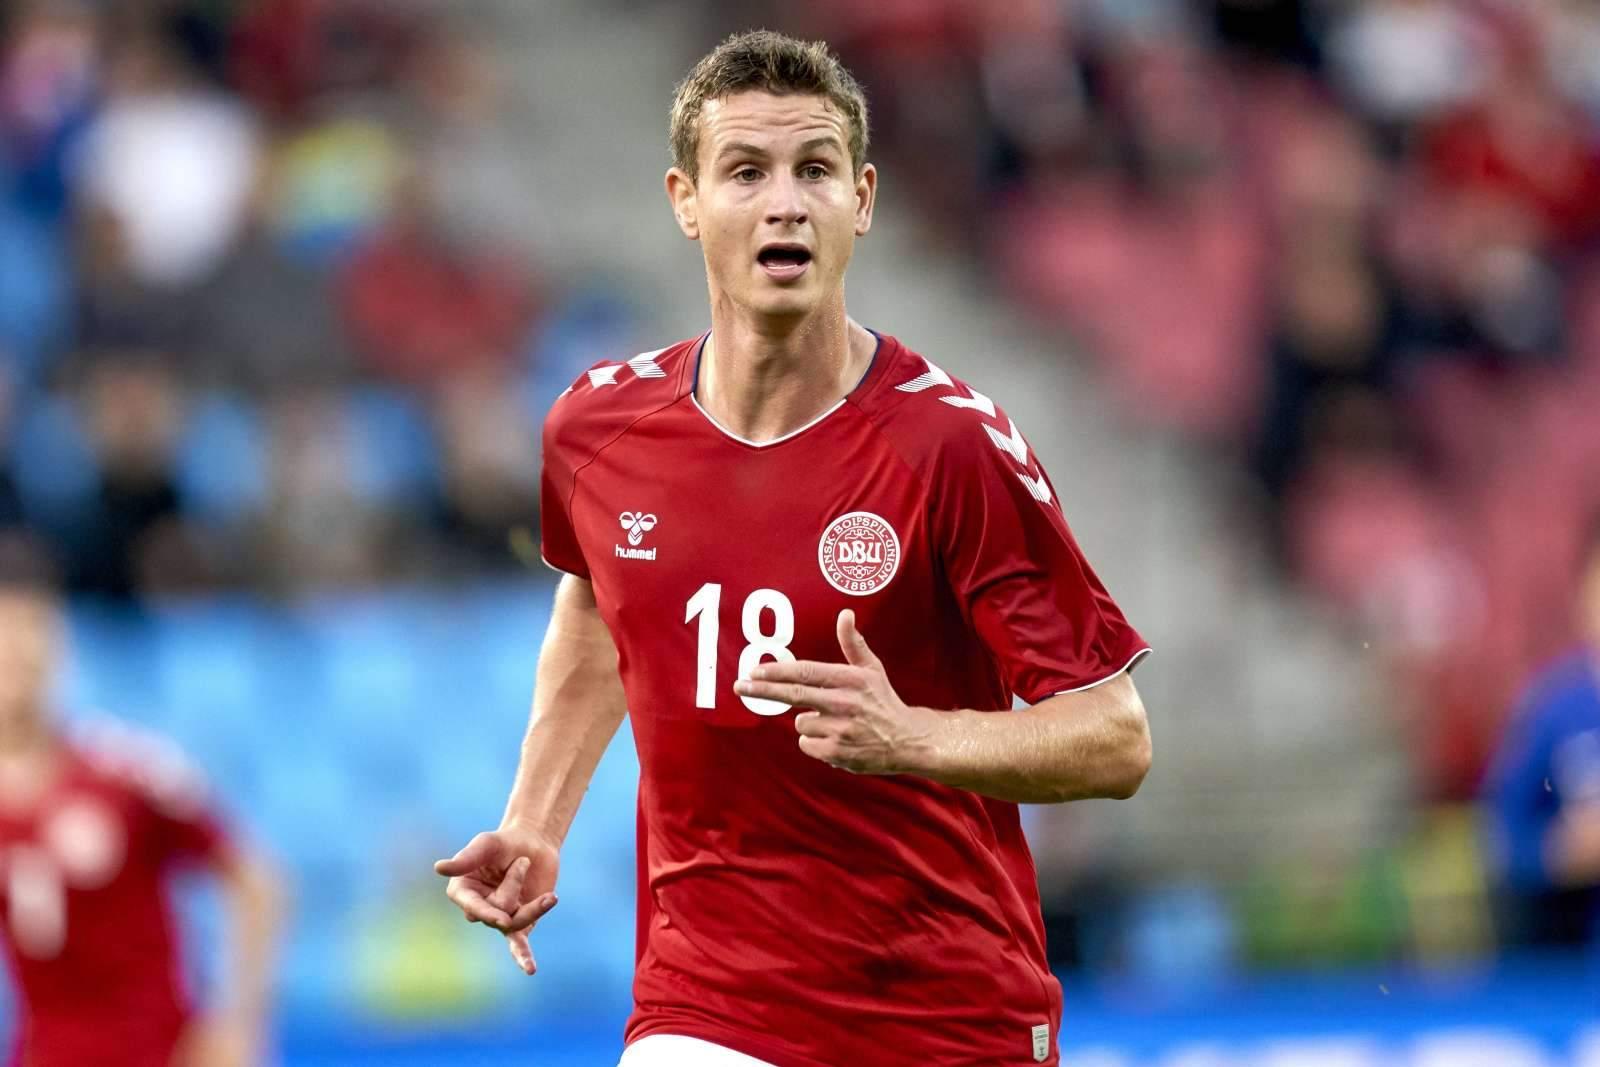 Полузащитник «Рубина» Абильдгор вызван в сборную Дании